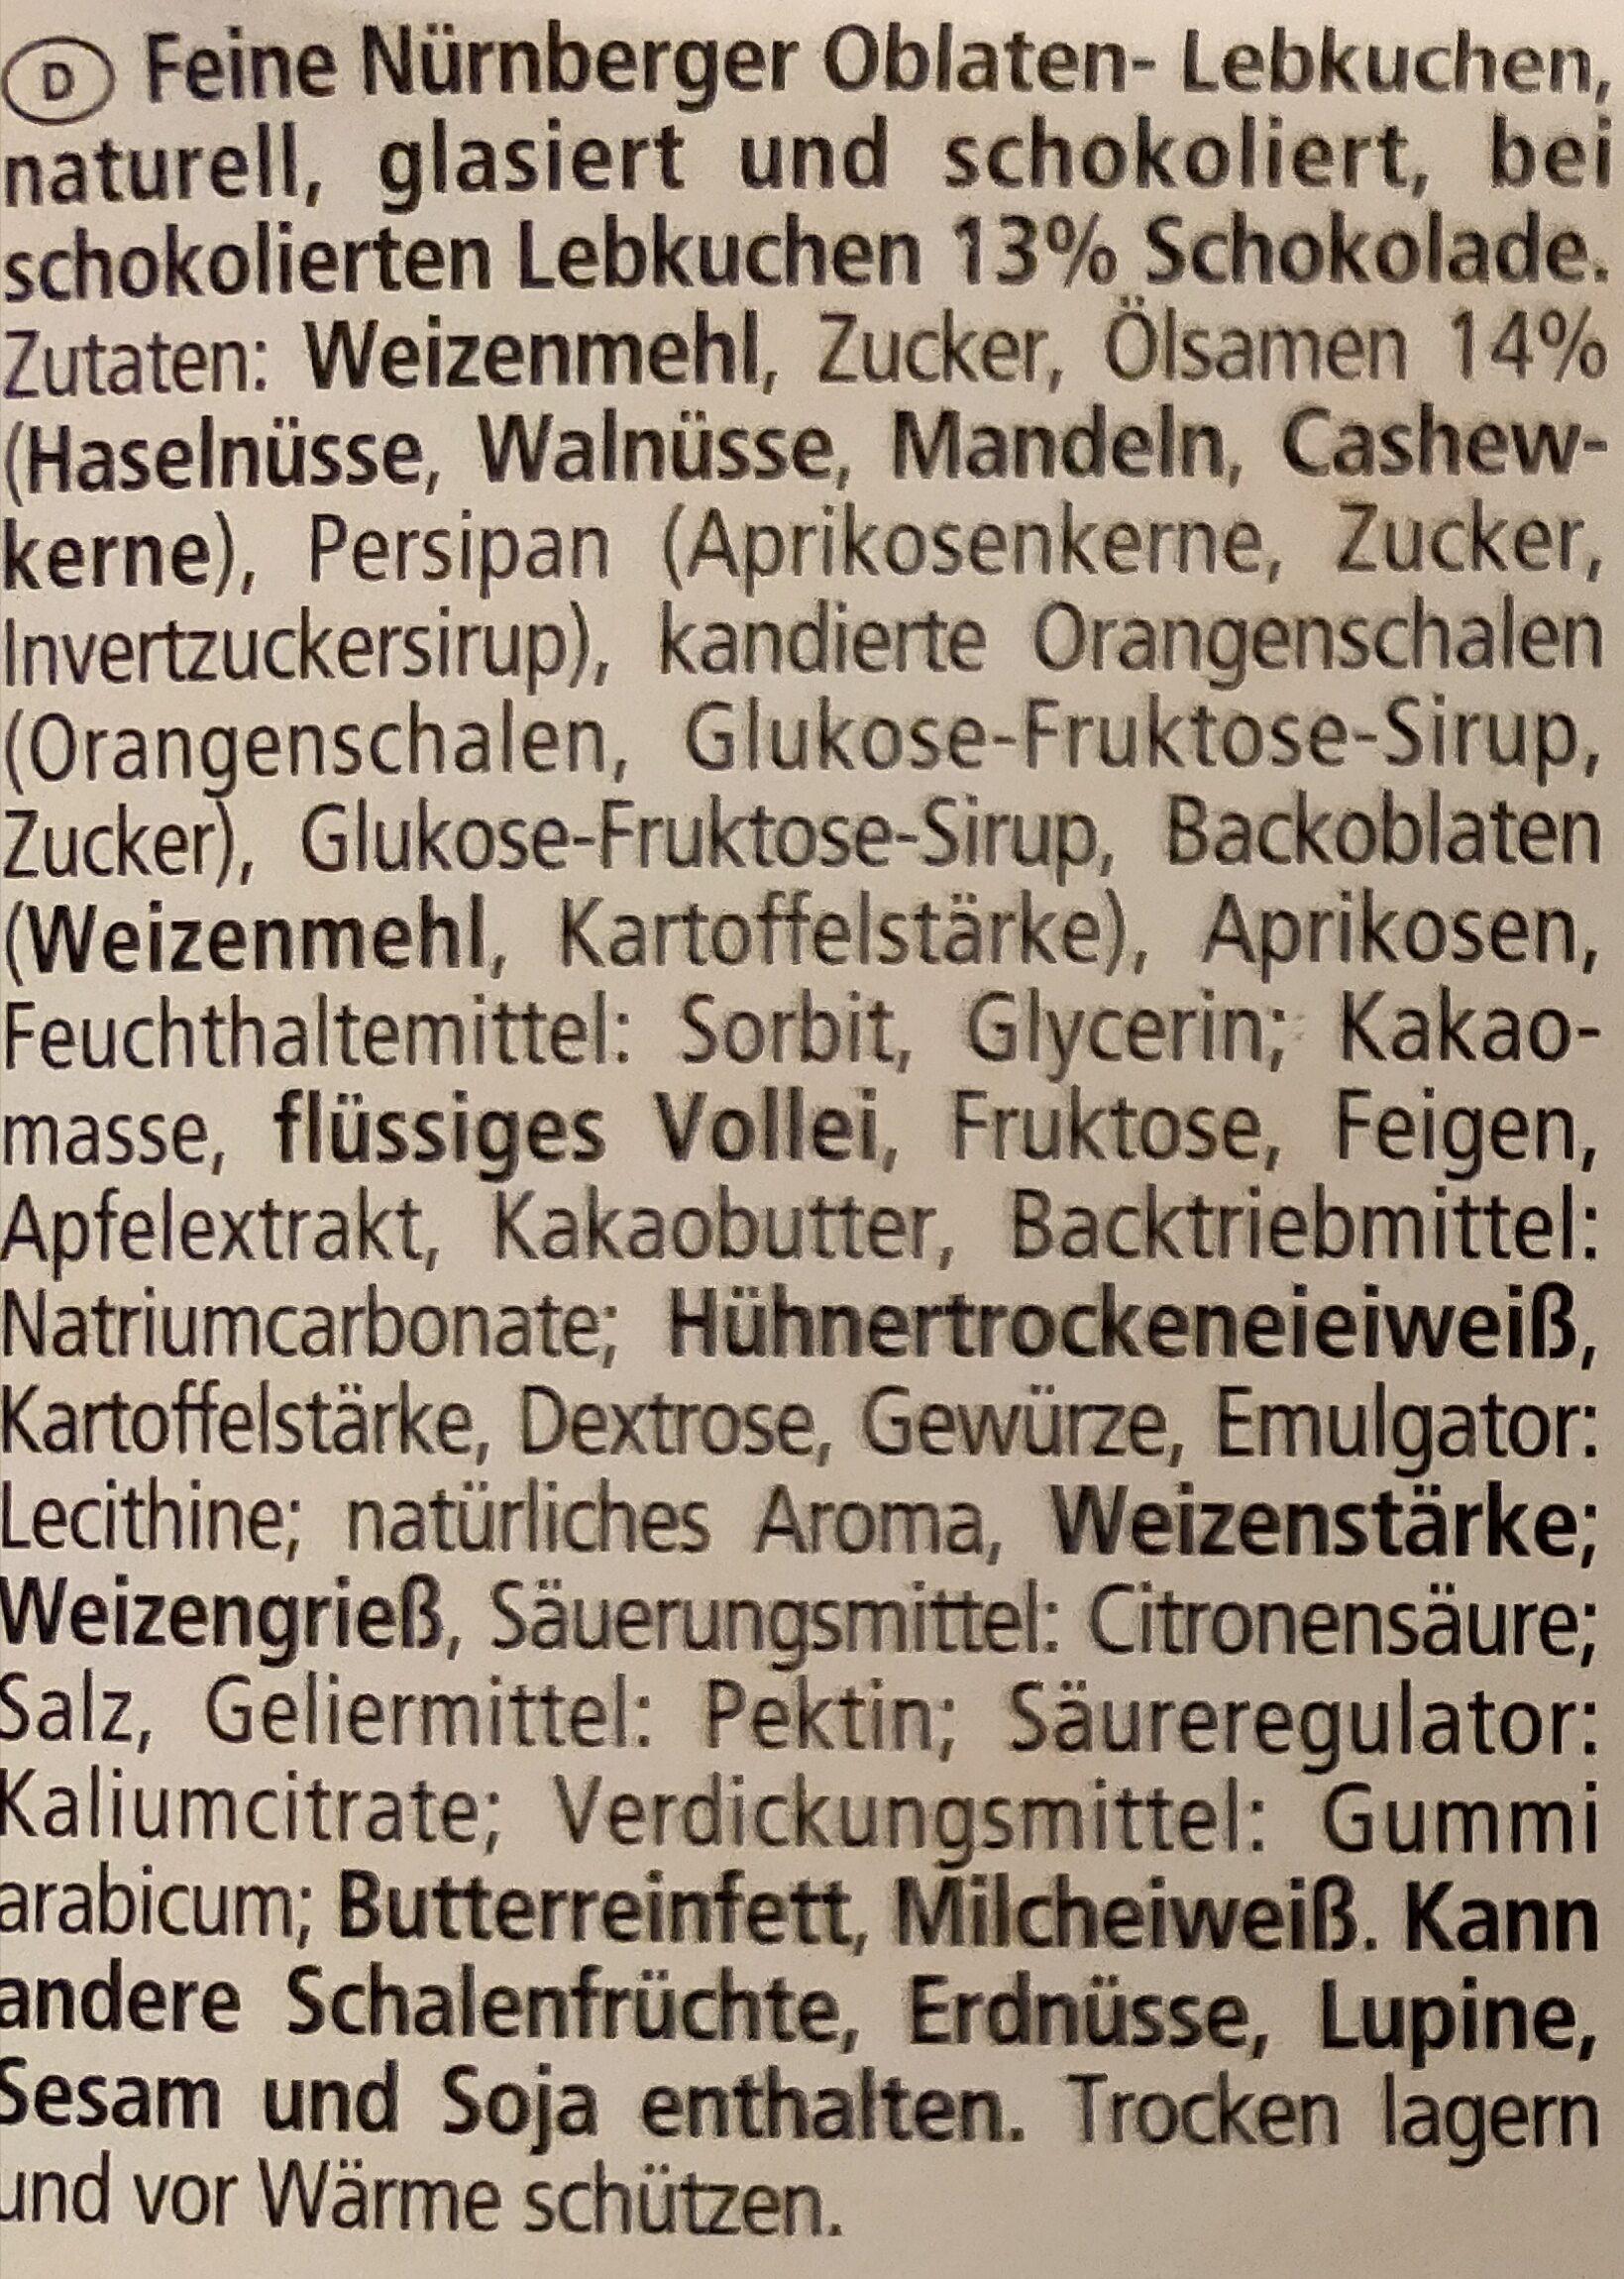 Feine Nürnberger Oblaten Lebkuchen - Zutaten - de